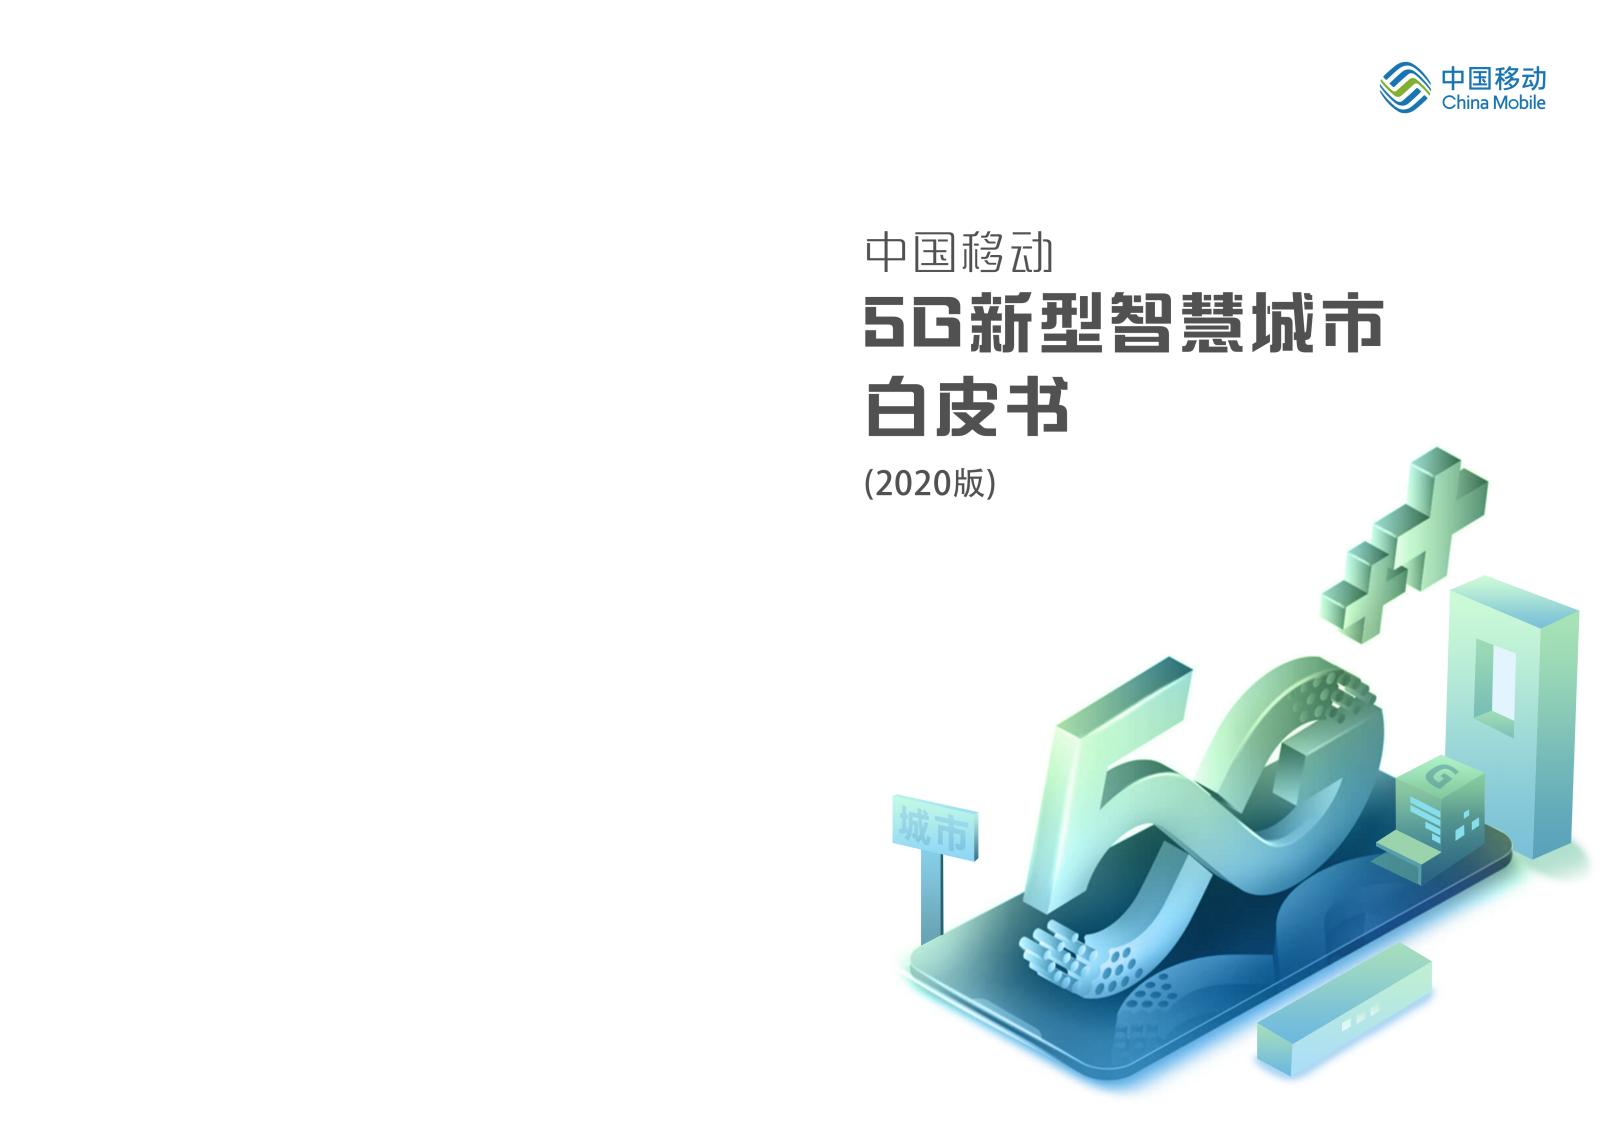 中国移动:2020年5G新型智慧城市白皮书(附下载)